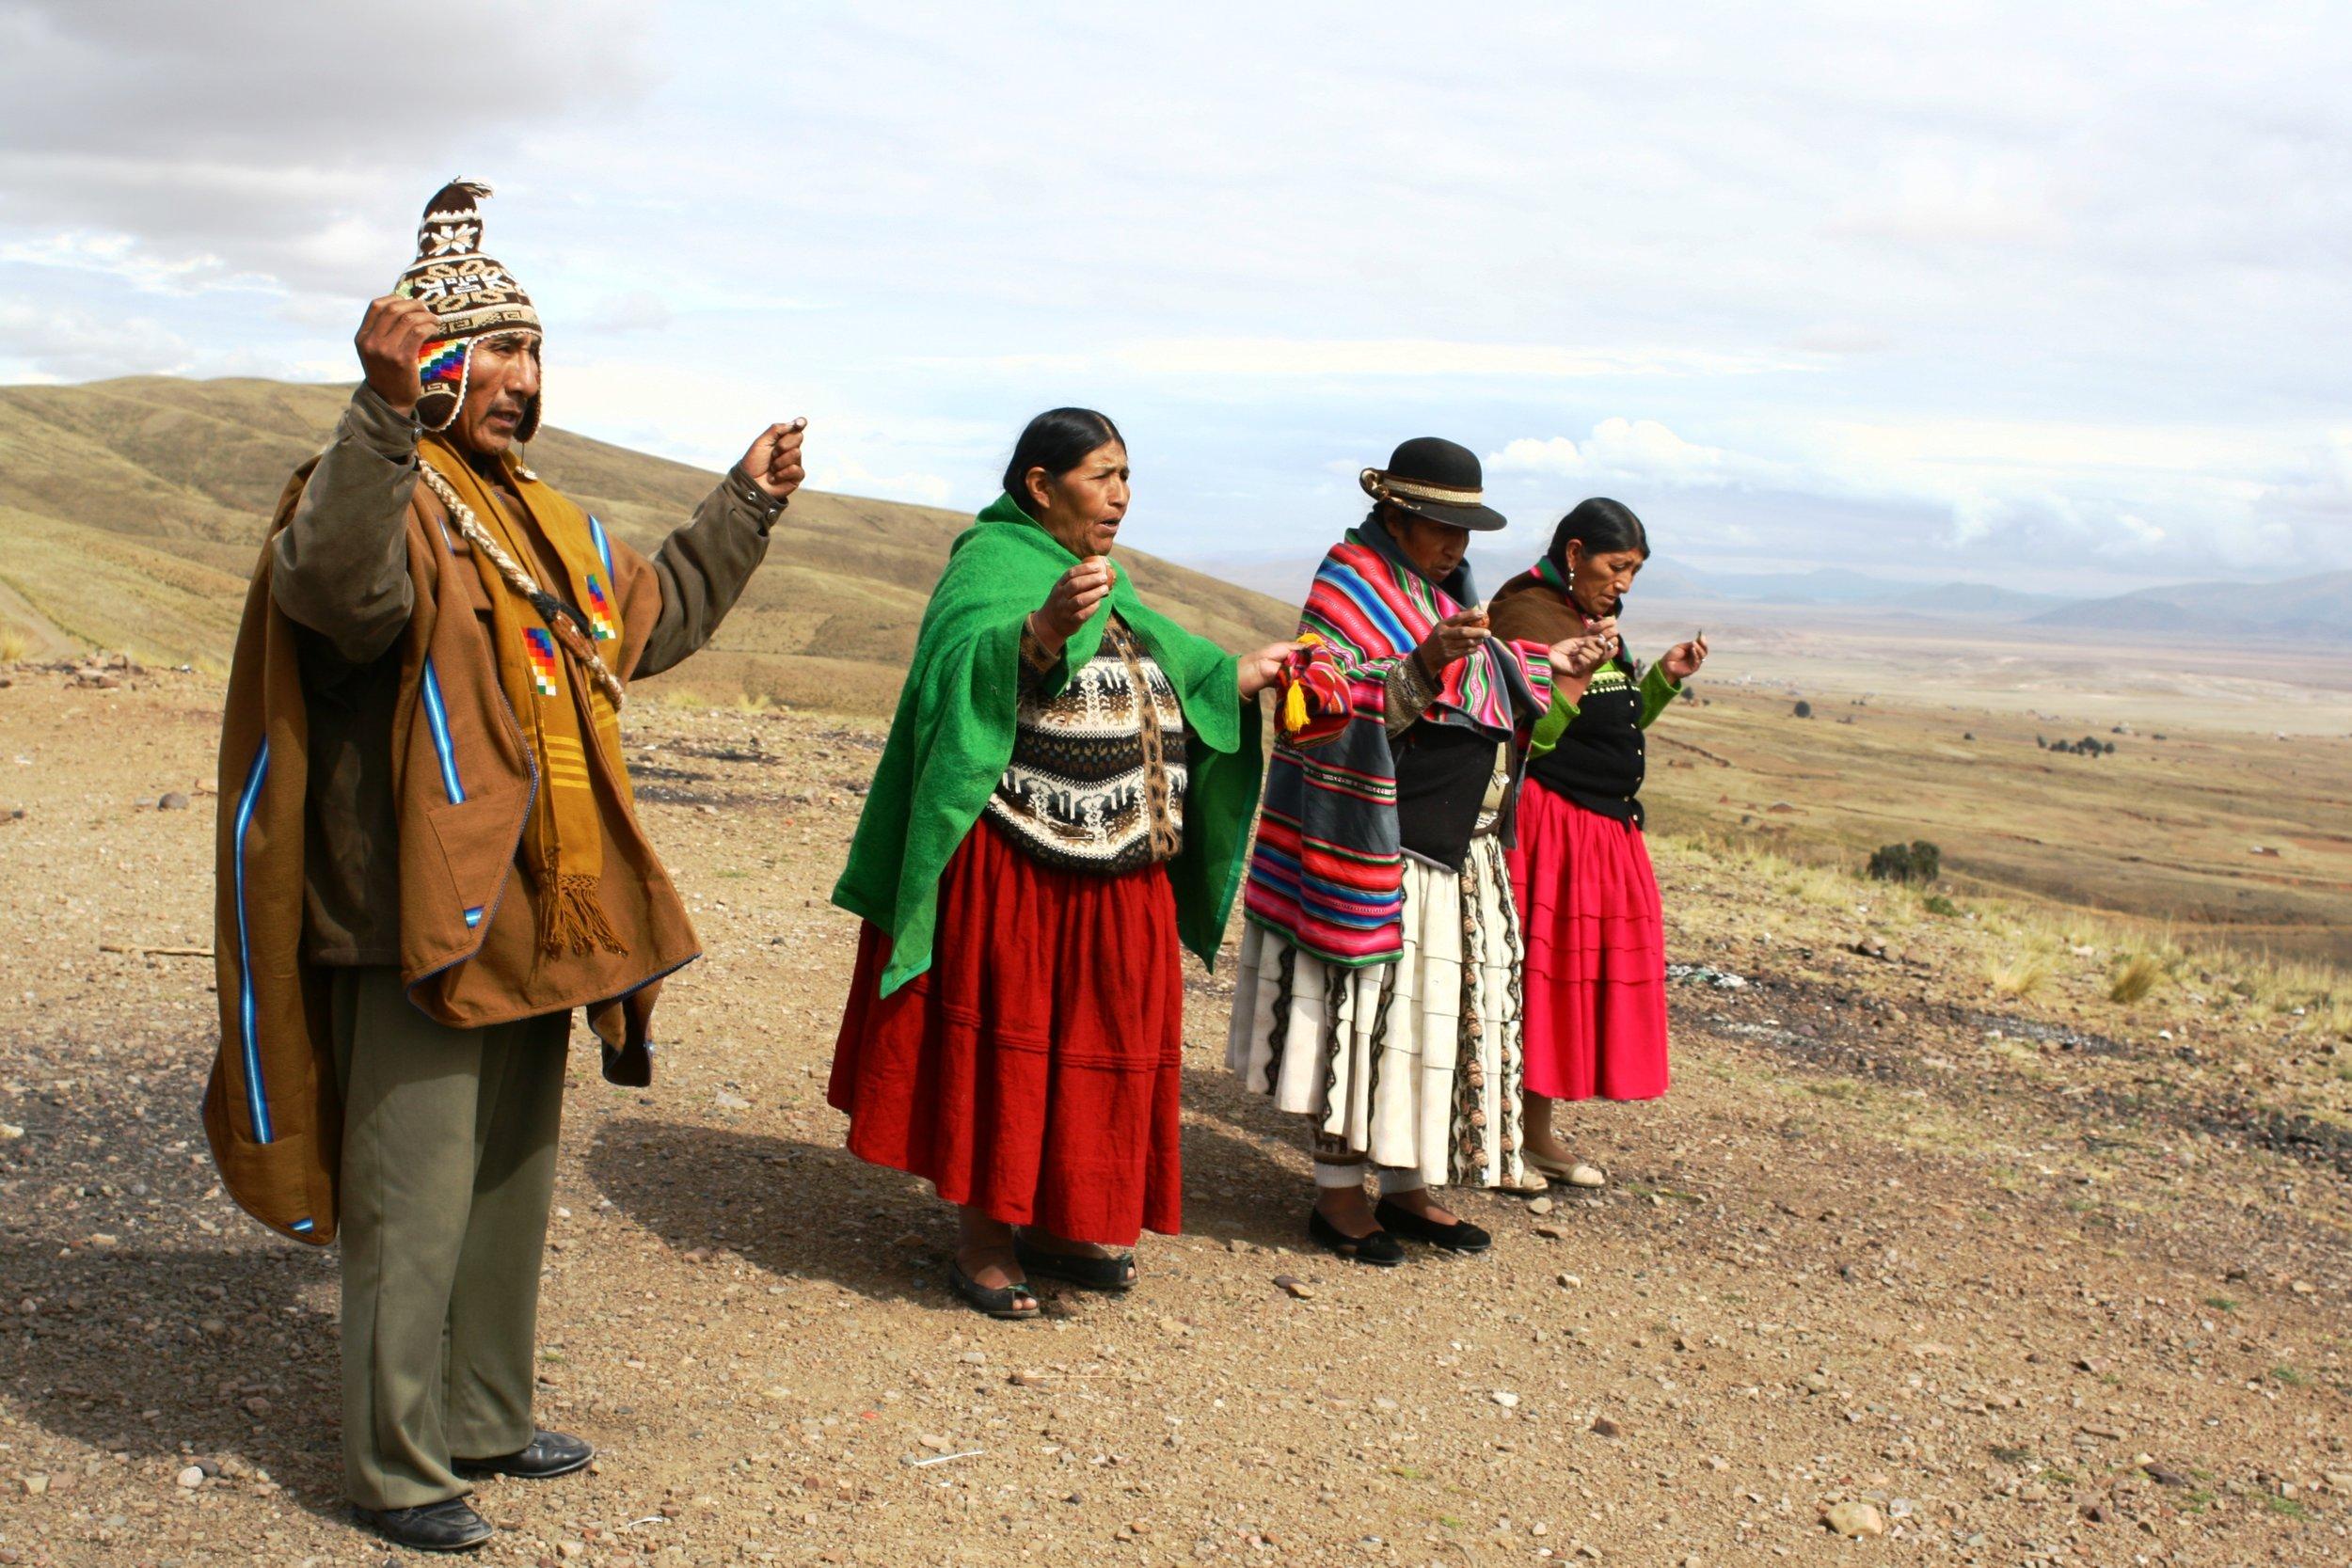 alaskans-come-to-bolivia_6791115087_o.jpg